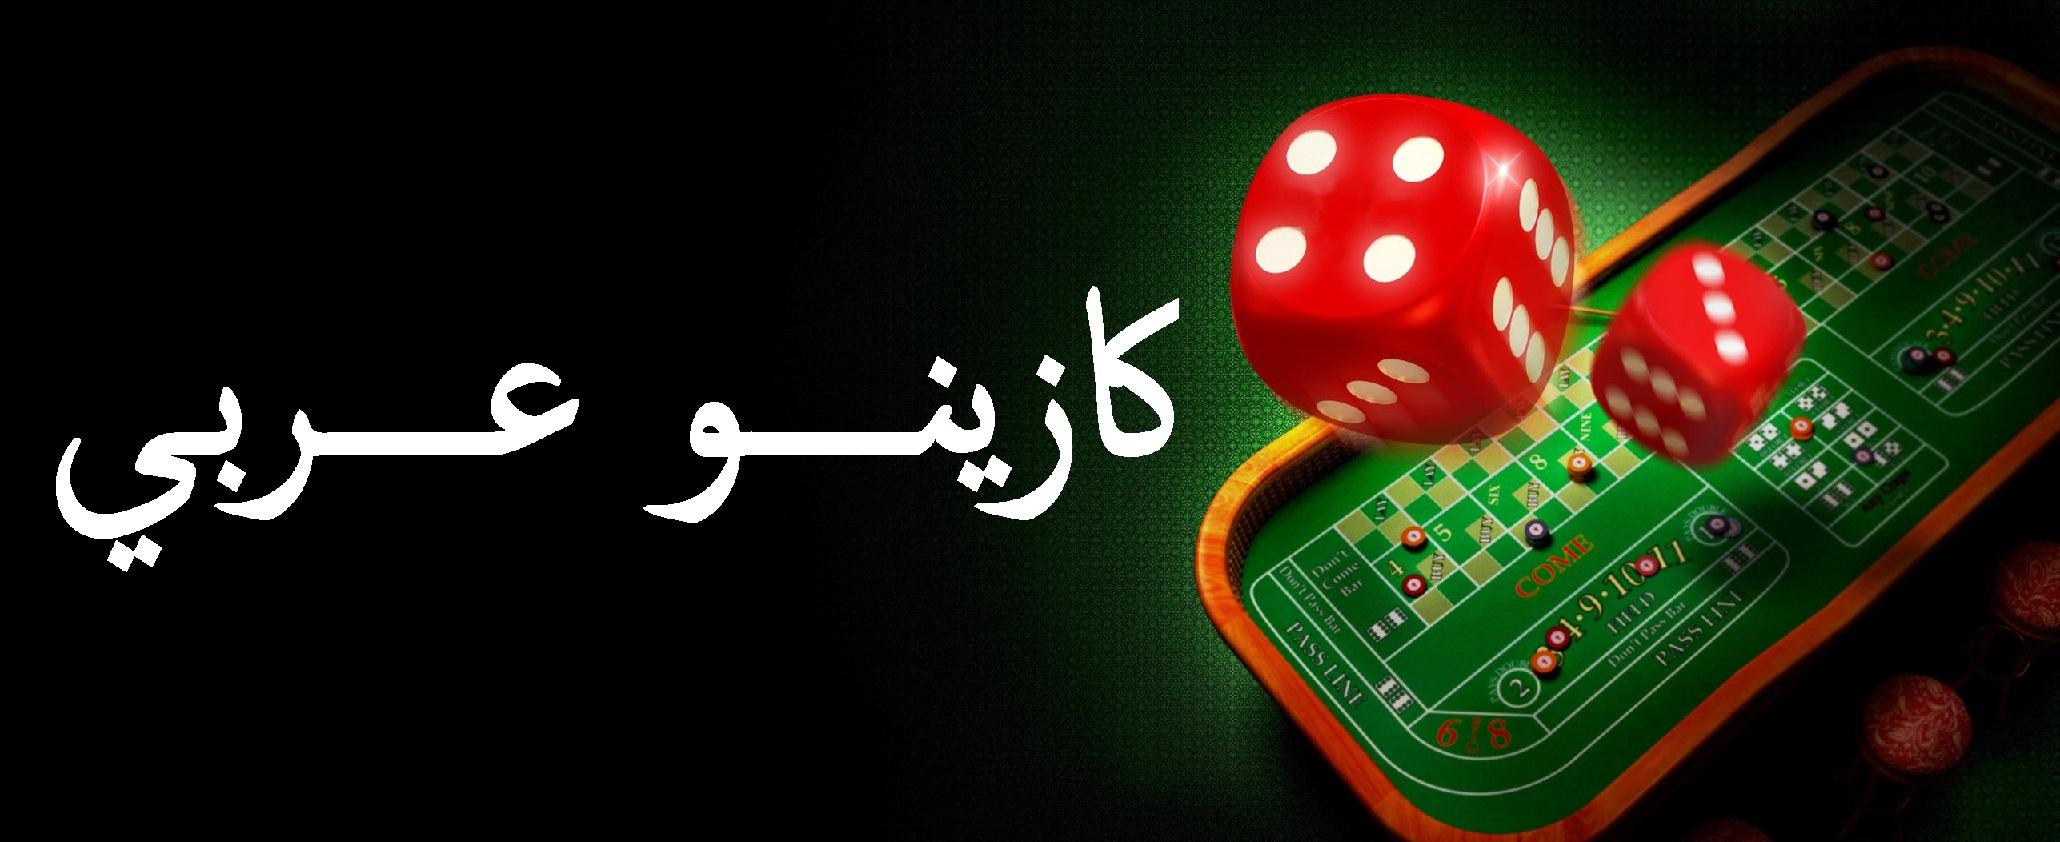 لعبة الدومينو - 33715